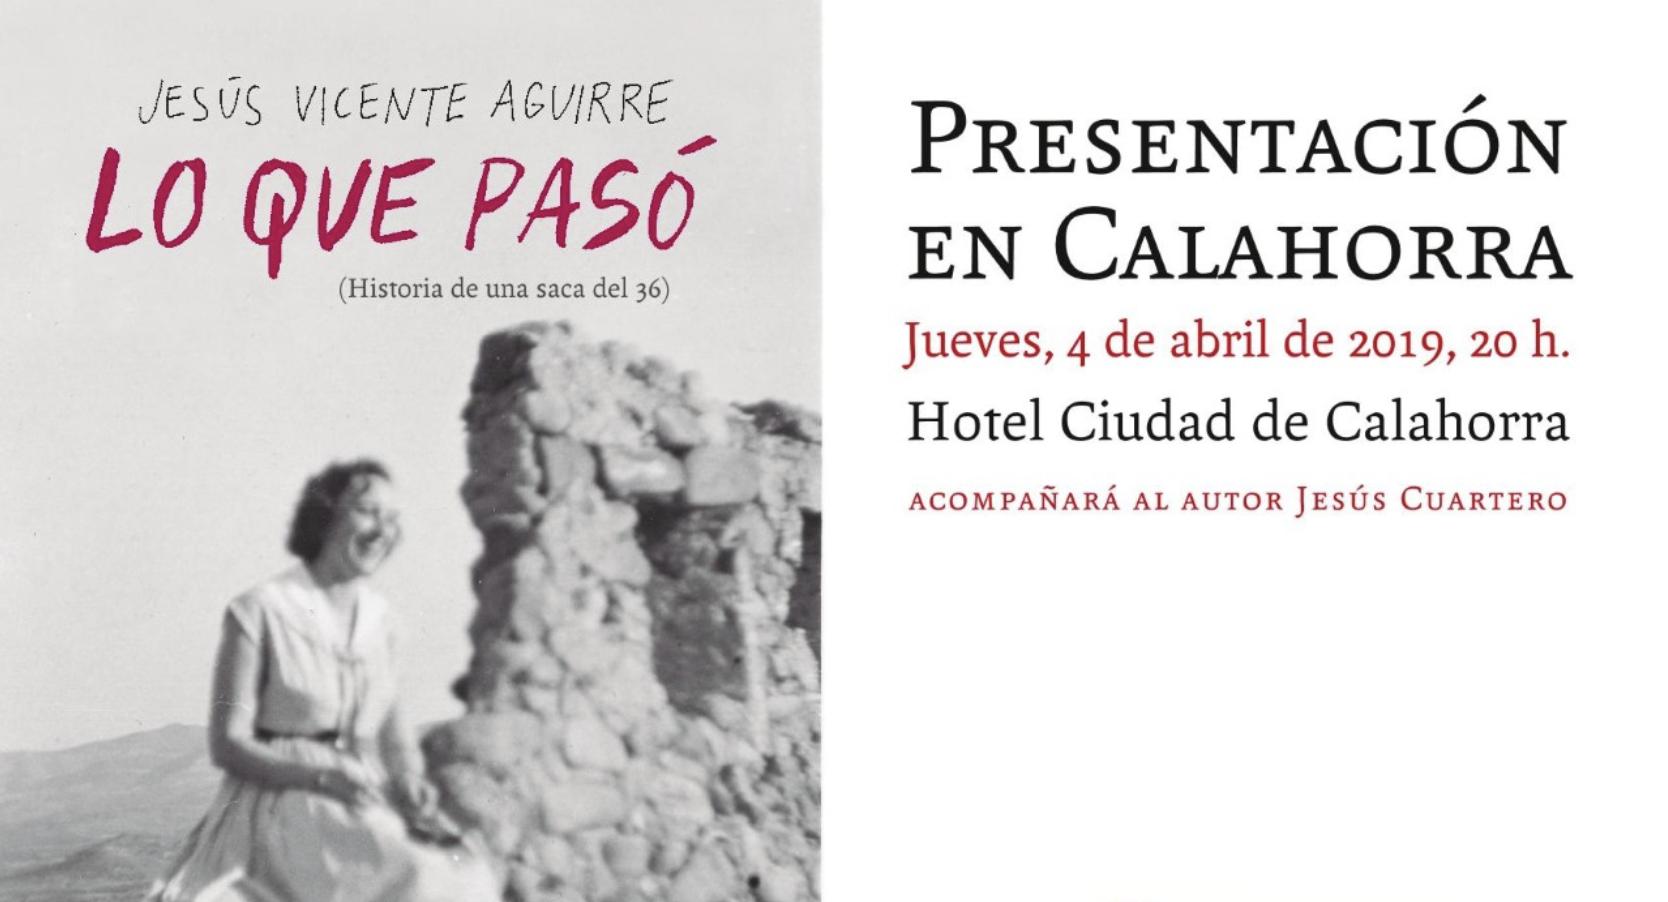 Jesús Vicente Aguirre presenta su nuevo libro